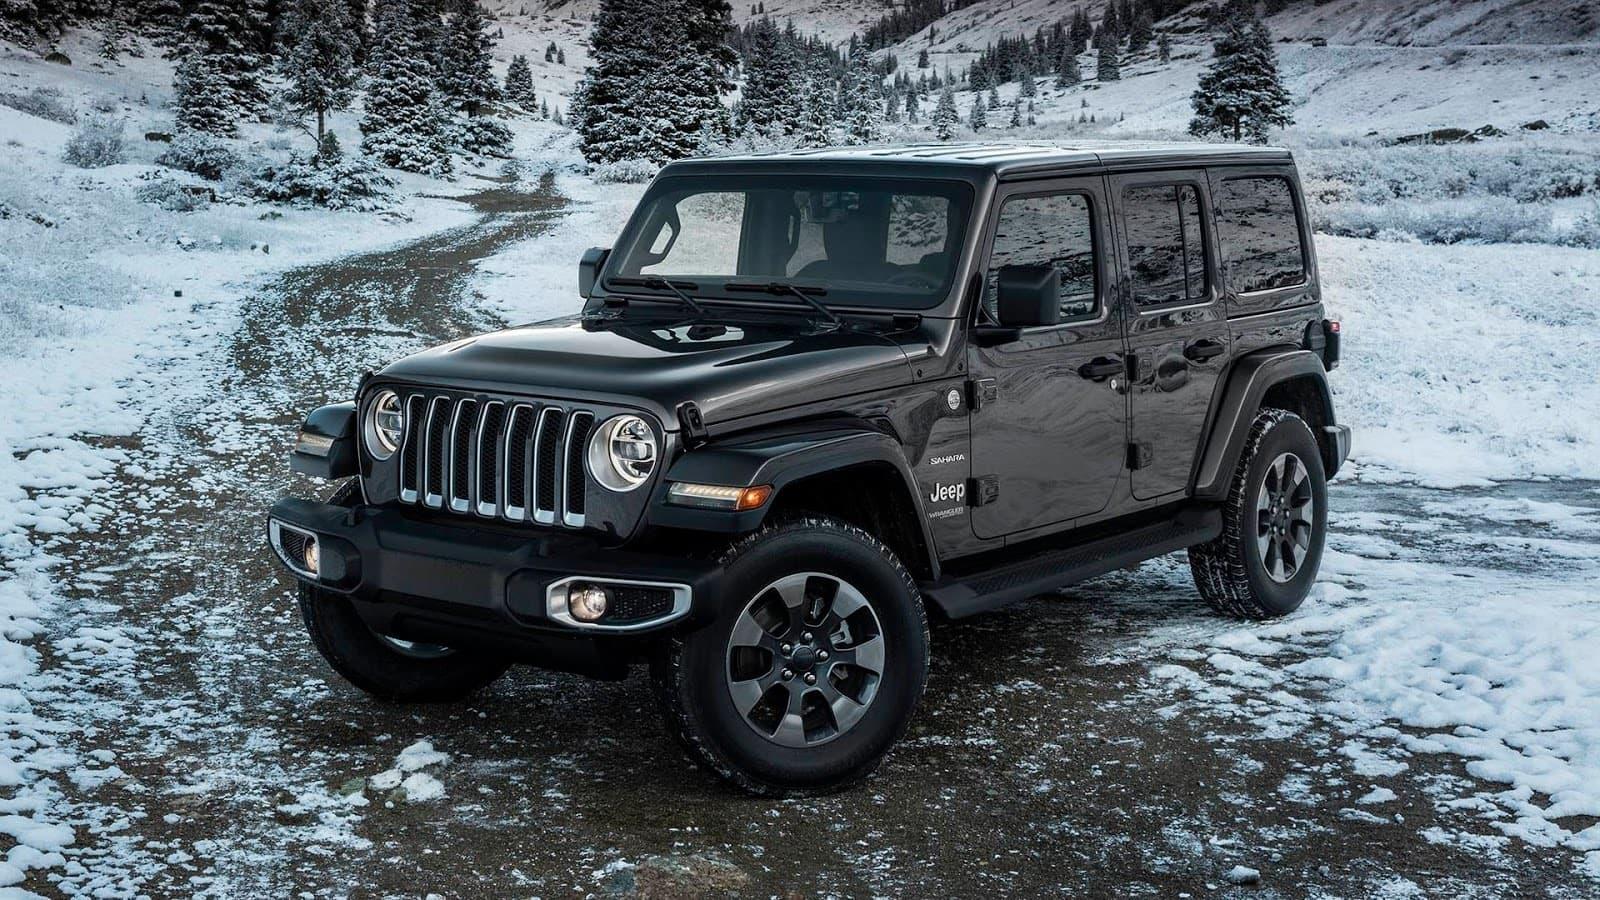 jeep wrangler precios noticias prueba ficha t cnica y fotos diariomotor. Black Bedroom Furniture Sets. Home Design Ideas